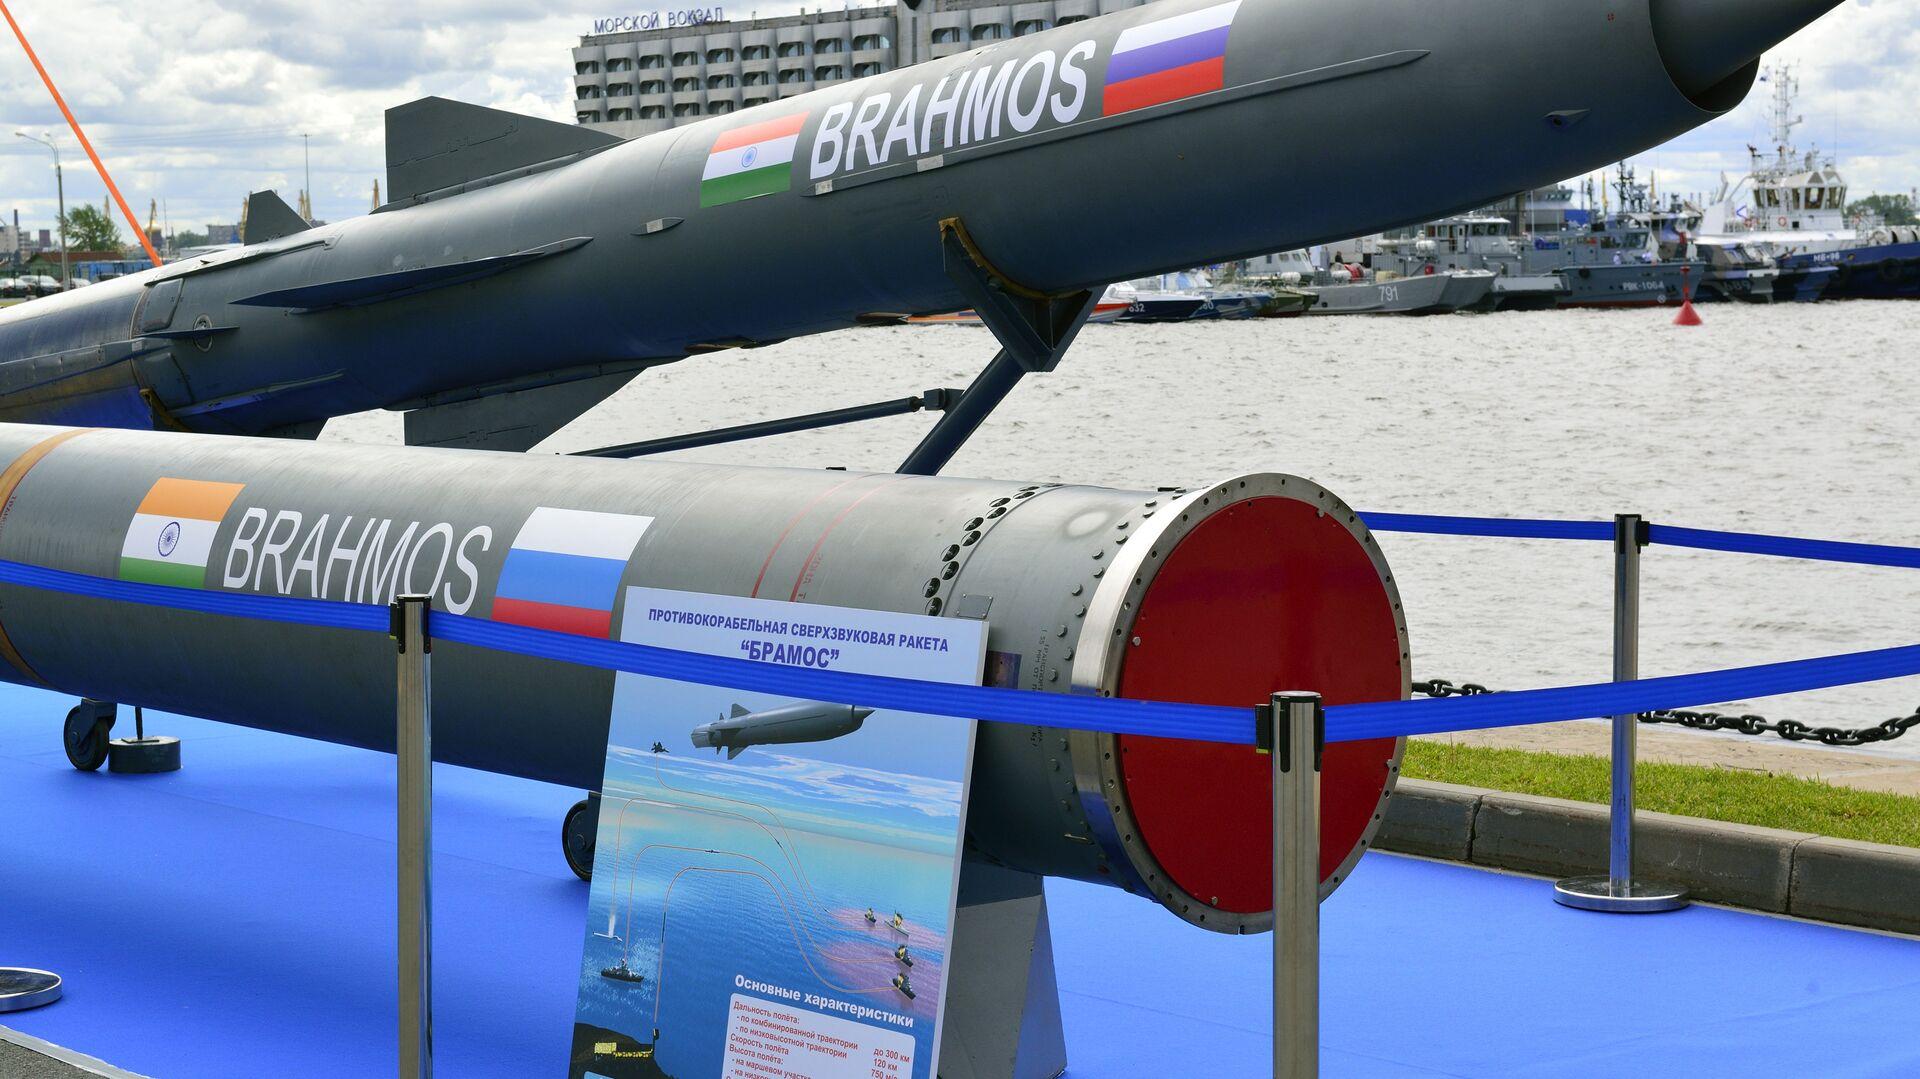 Российско-индийская ракета Брамос - РИА Новости, 1920, 20.07.2021